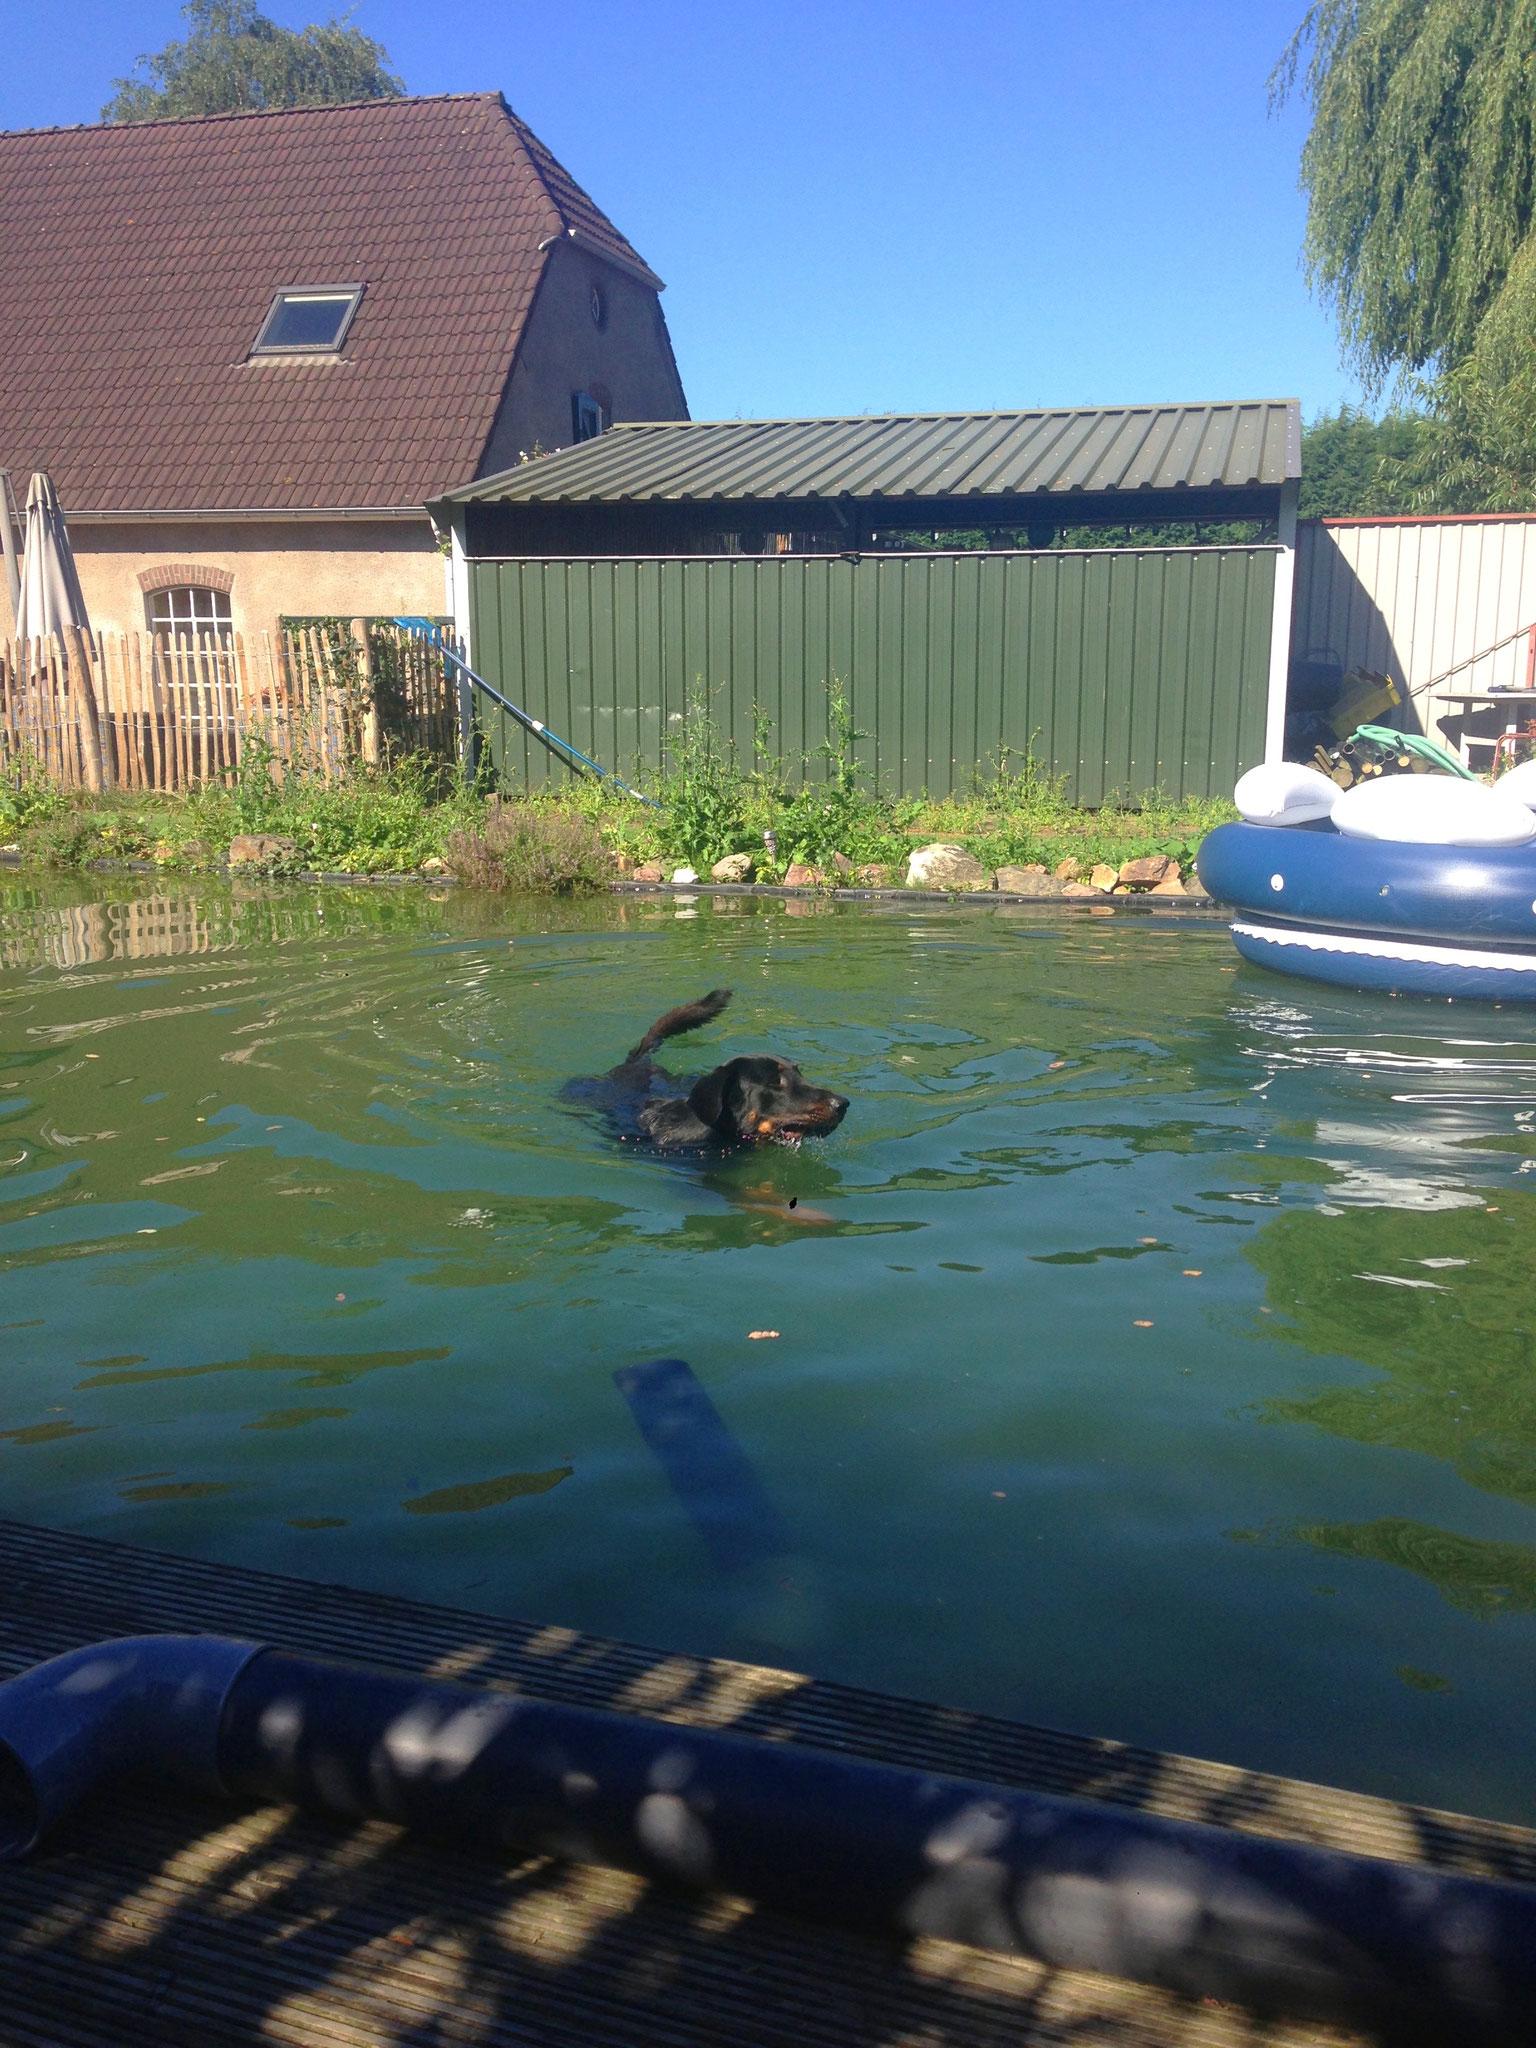 Honden zwemmen in de vijver